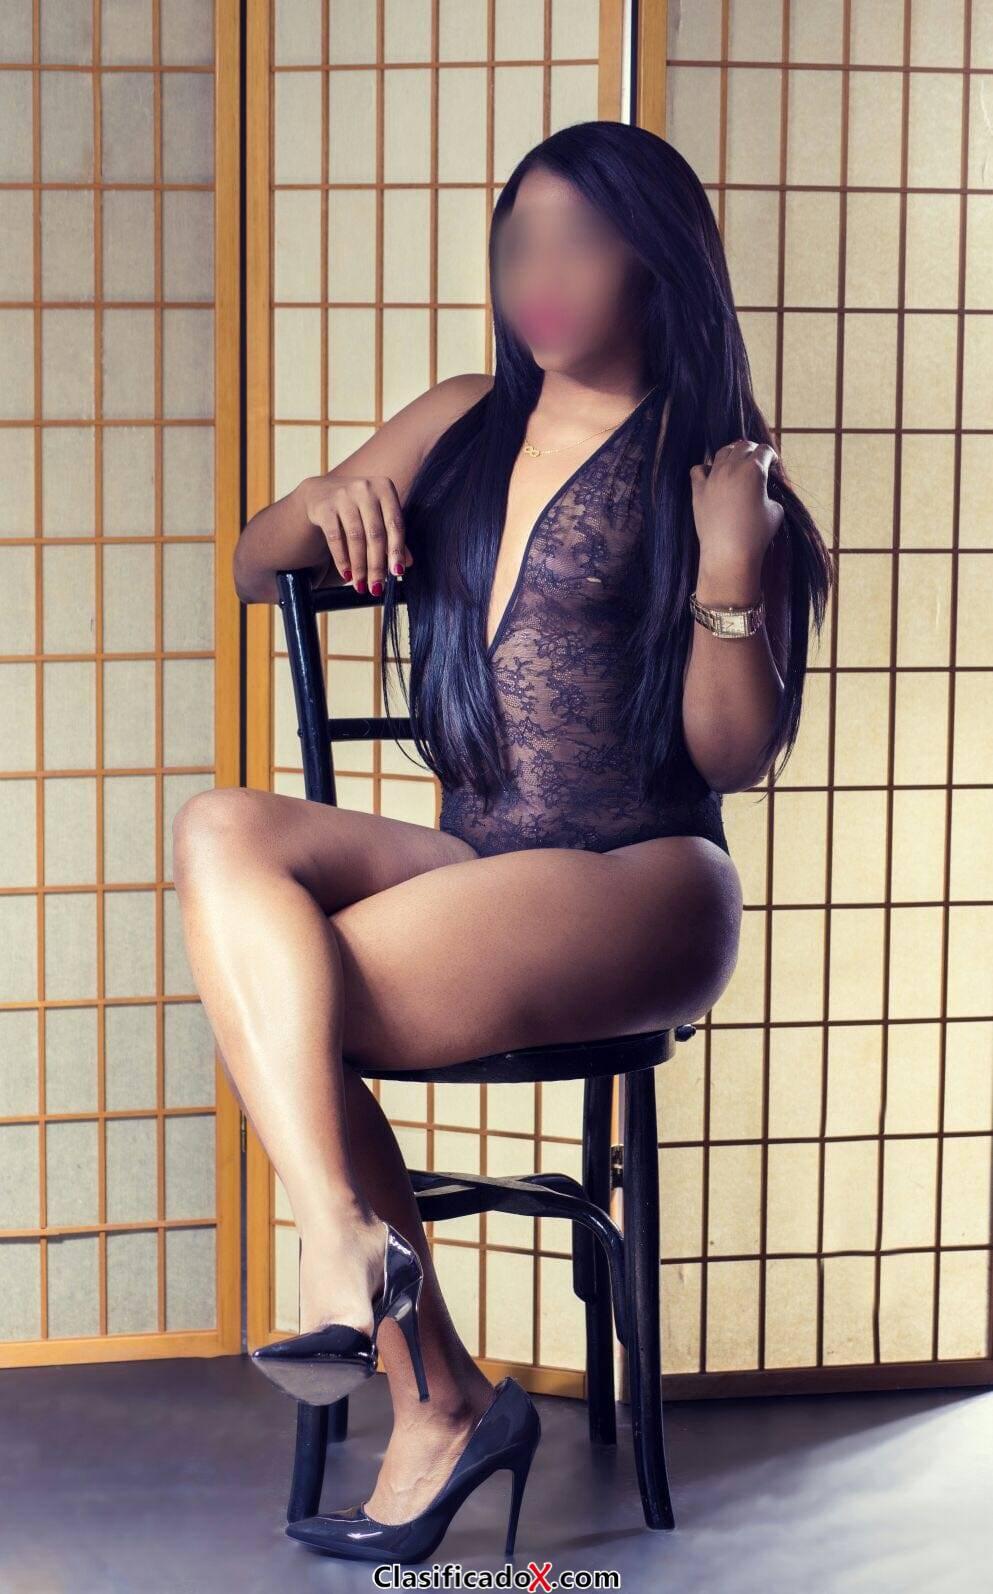 Jamaicana espectacular, activa y cañera, llámame.